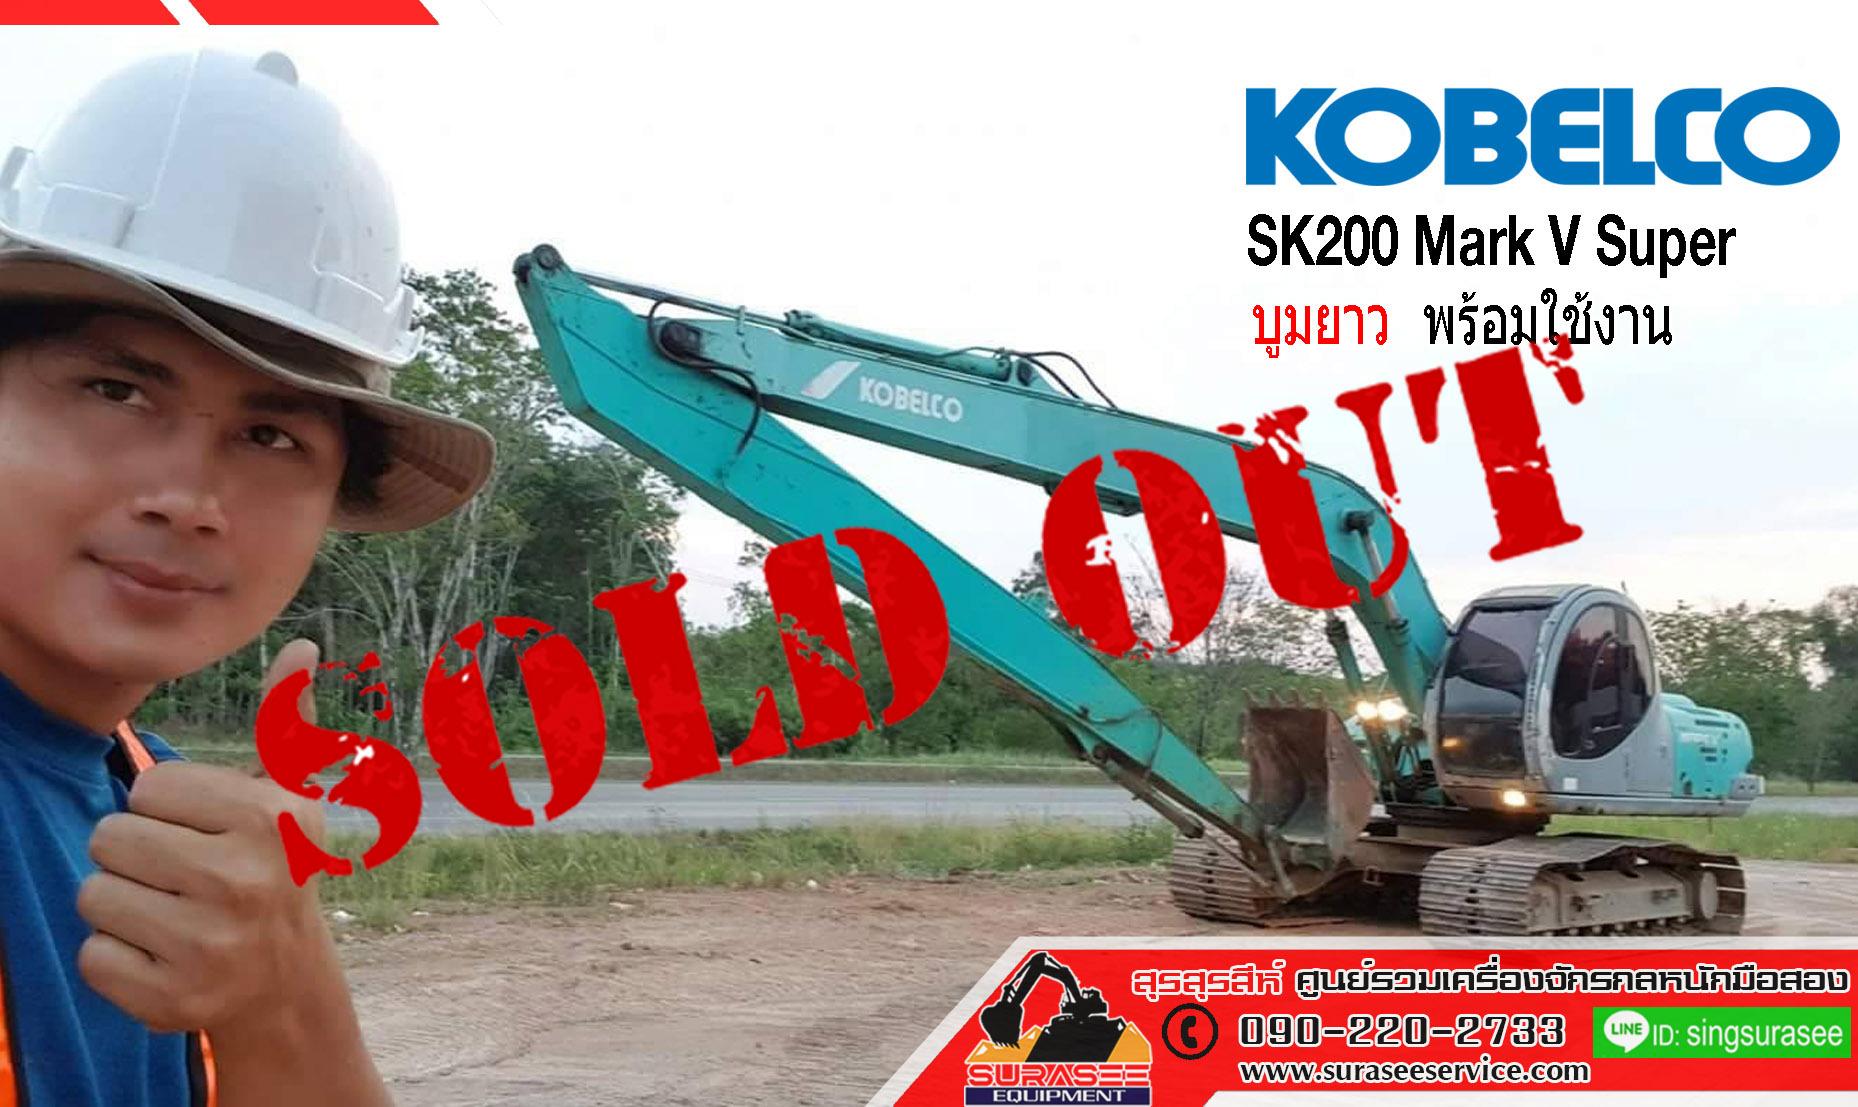 ขายรถแบคโฮ Kobelco SK200 Mark V Super สภาพดี